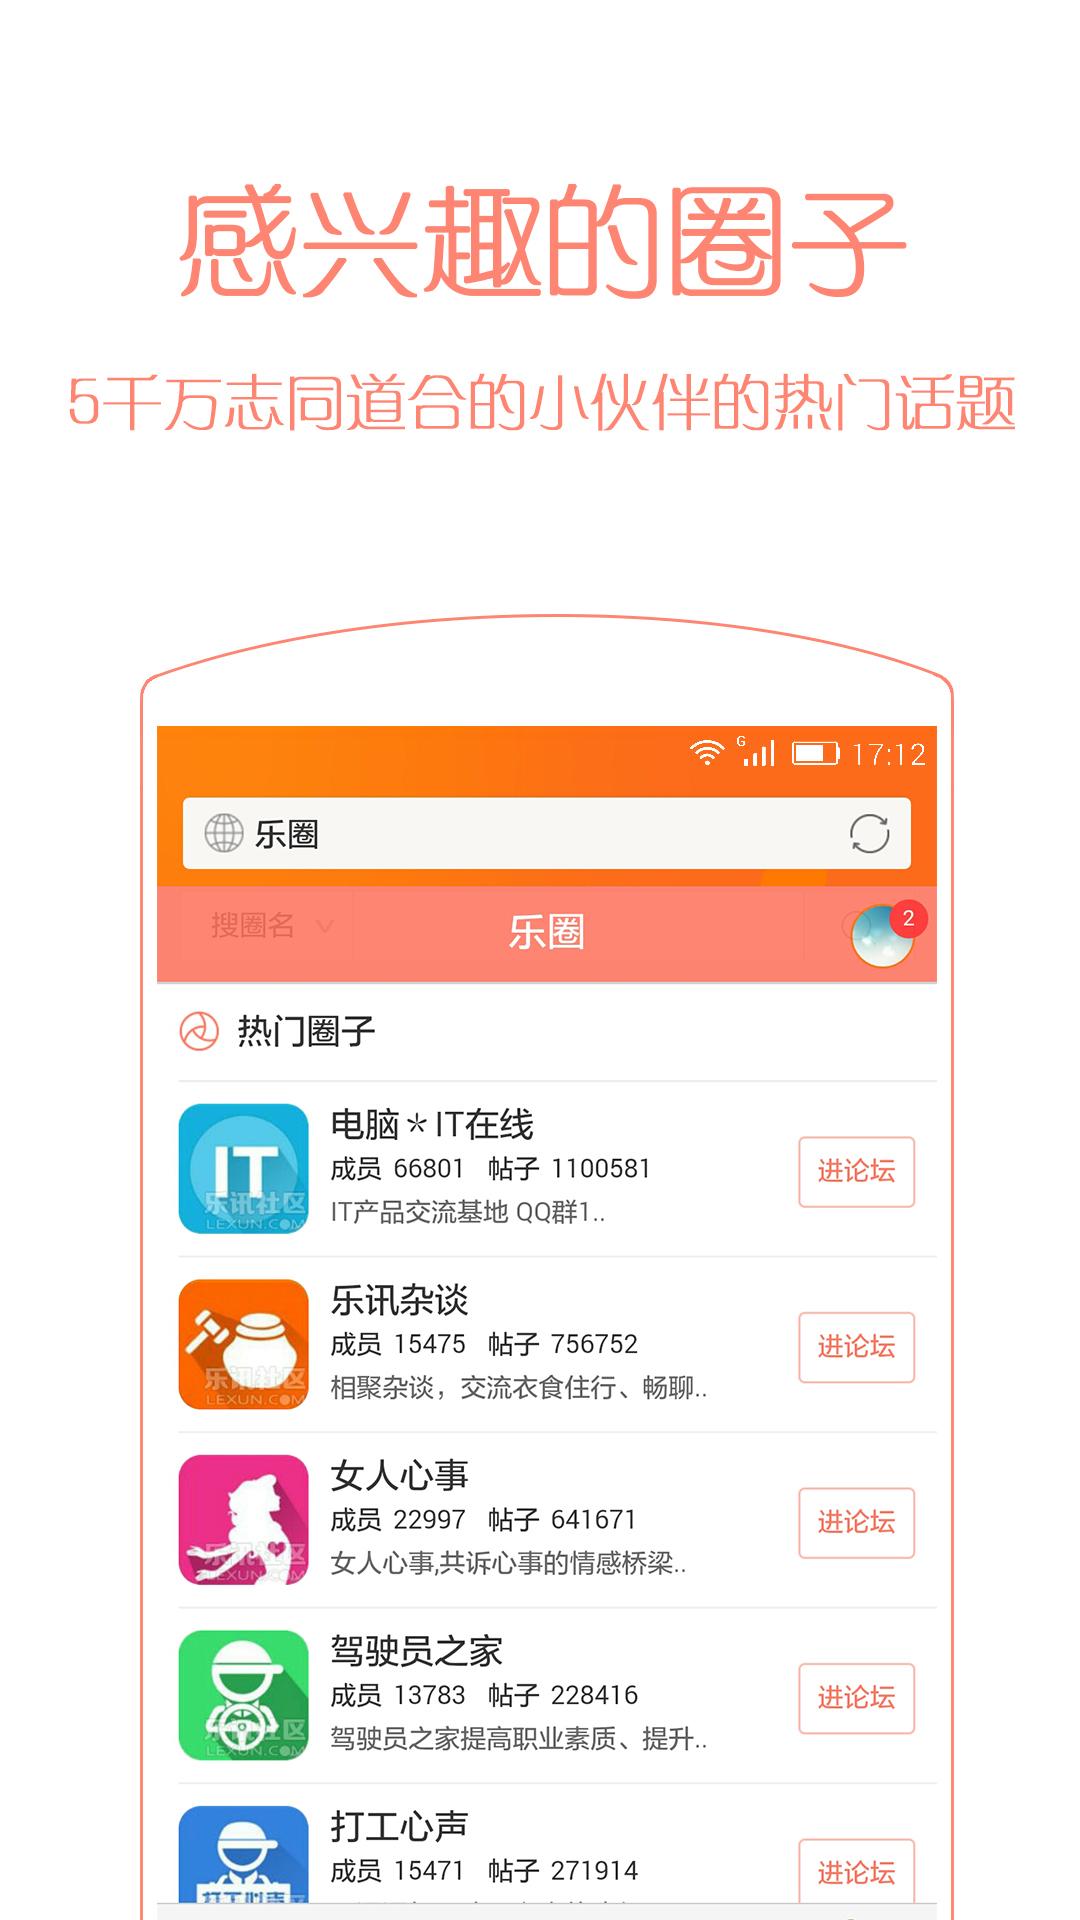 手机应用 安卓应用 聊天社交 乐讯社区    手机乐讯社区是中国手机